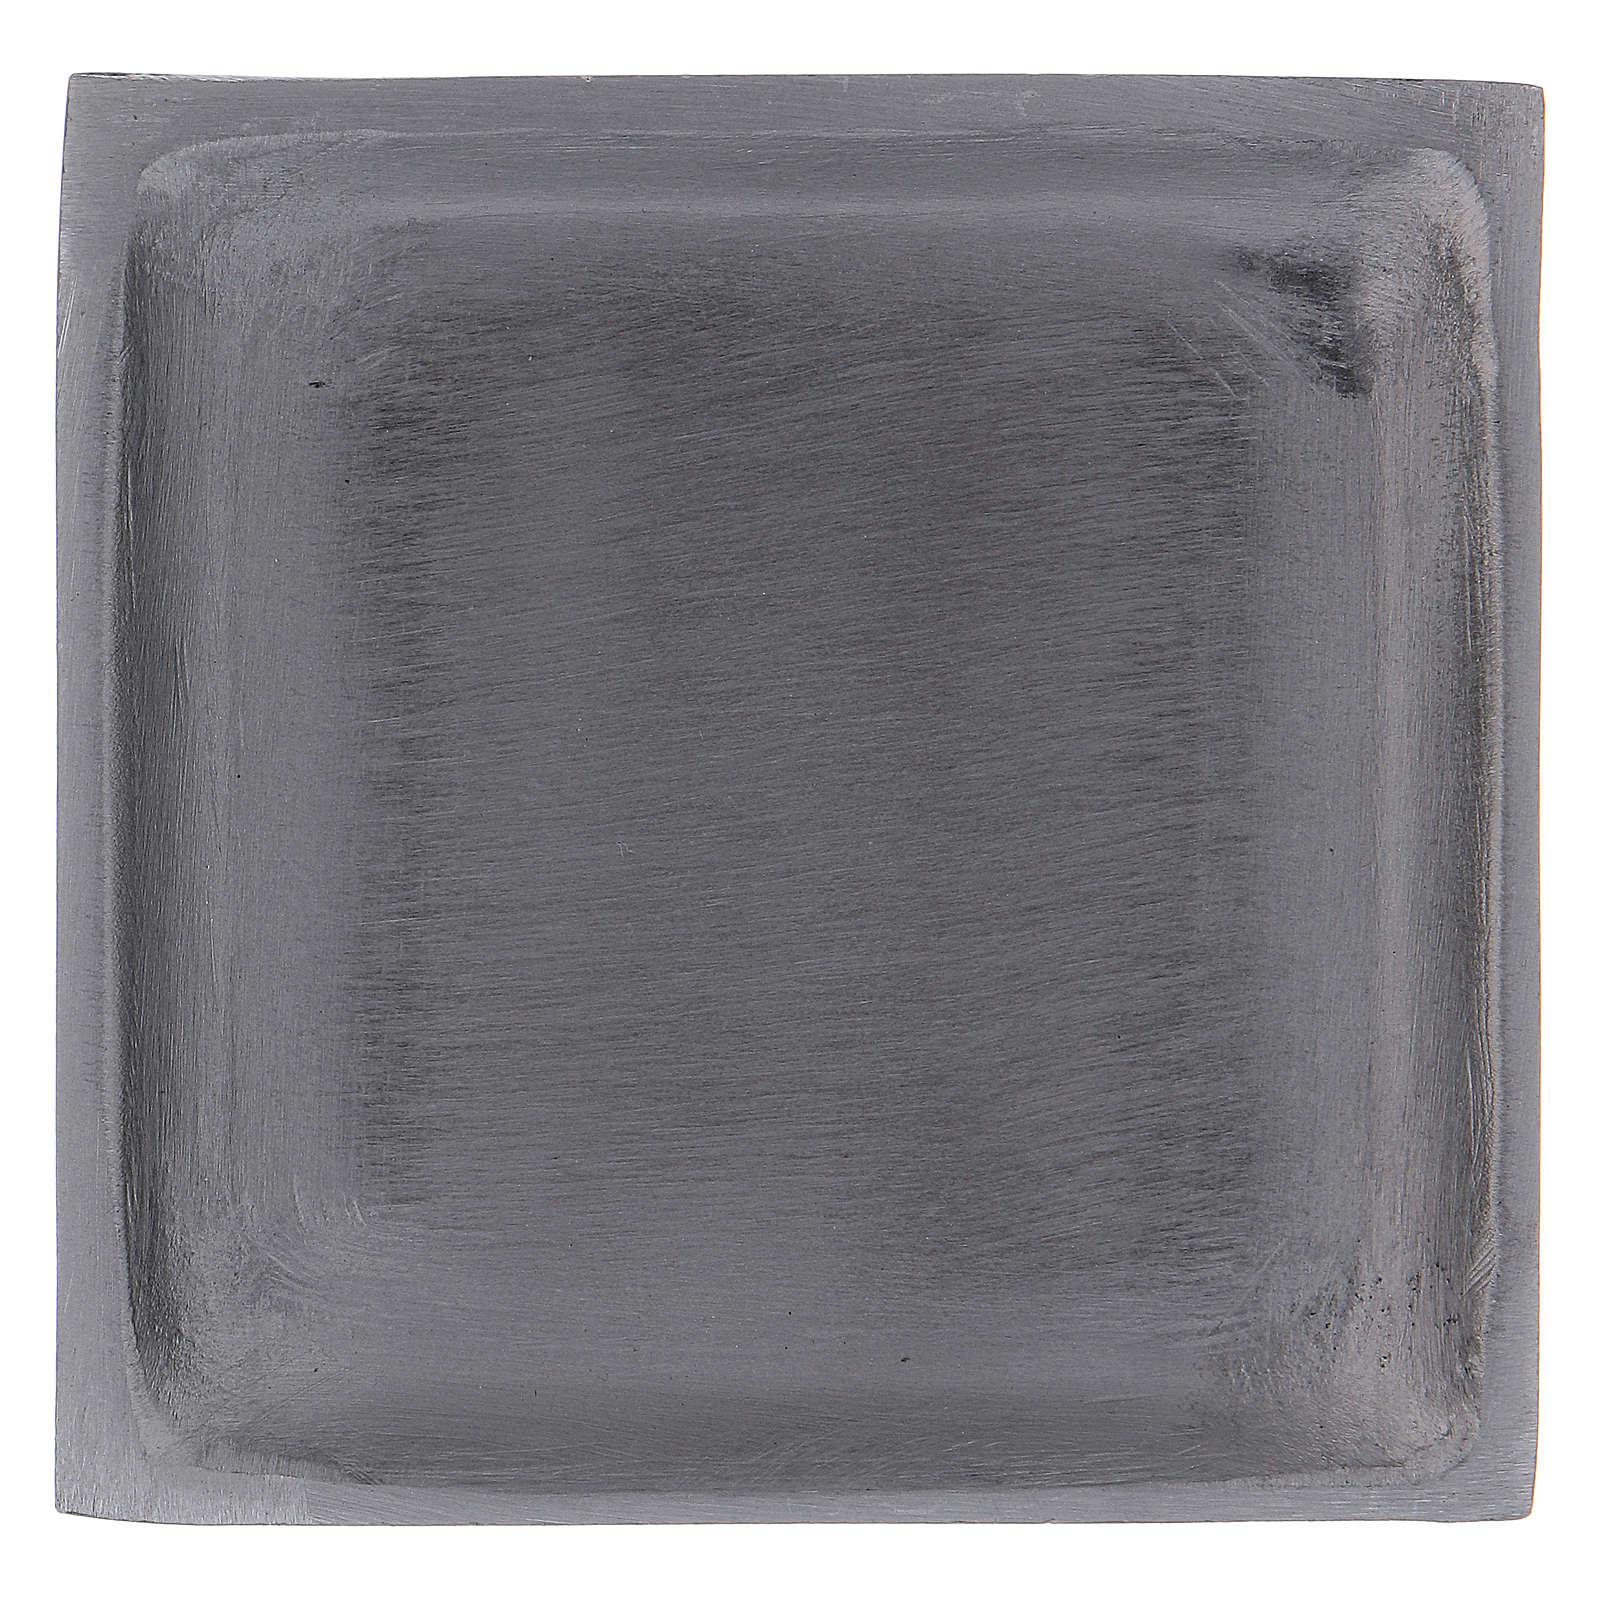 Piattino portacandela quadrato bordo rialzato ottone argentato 3